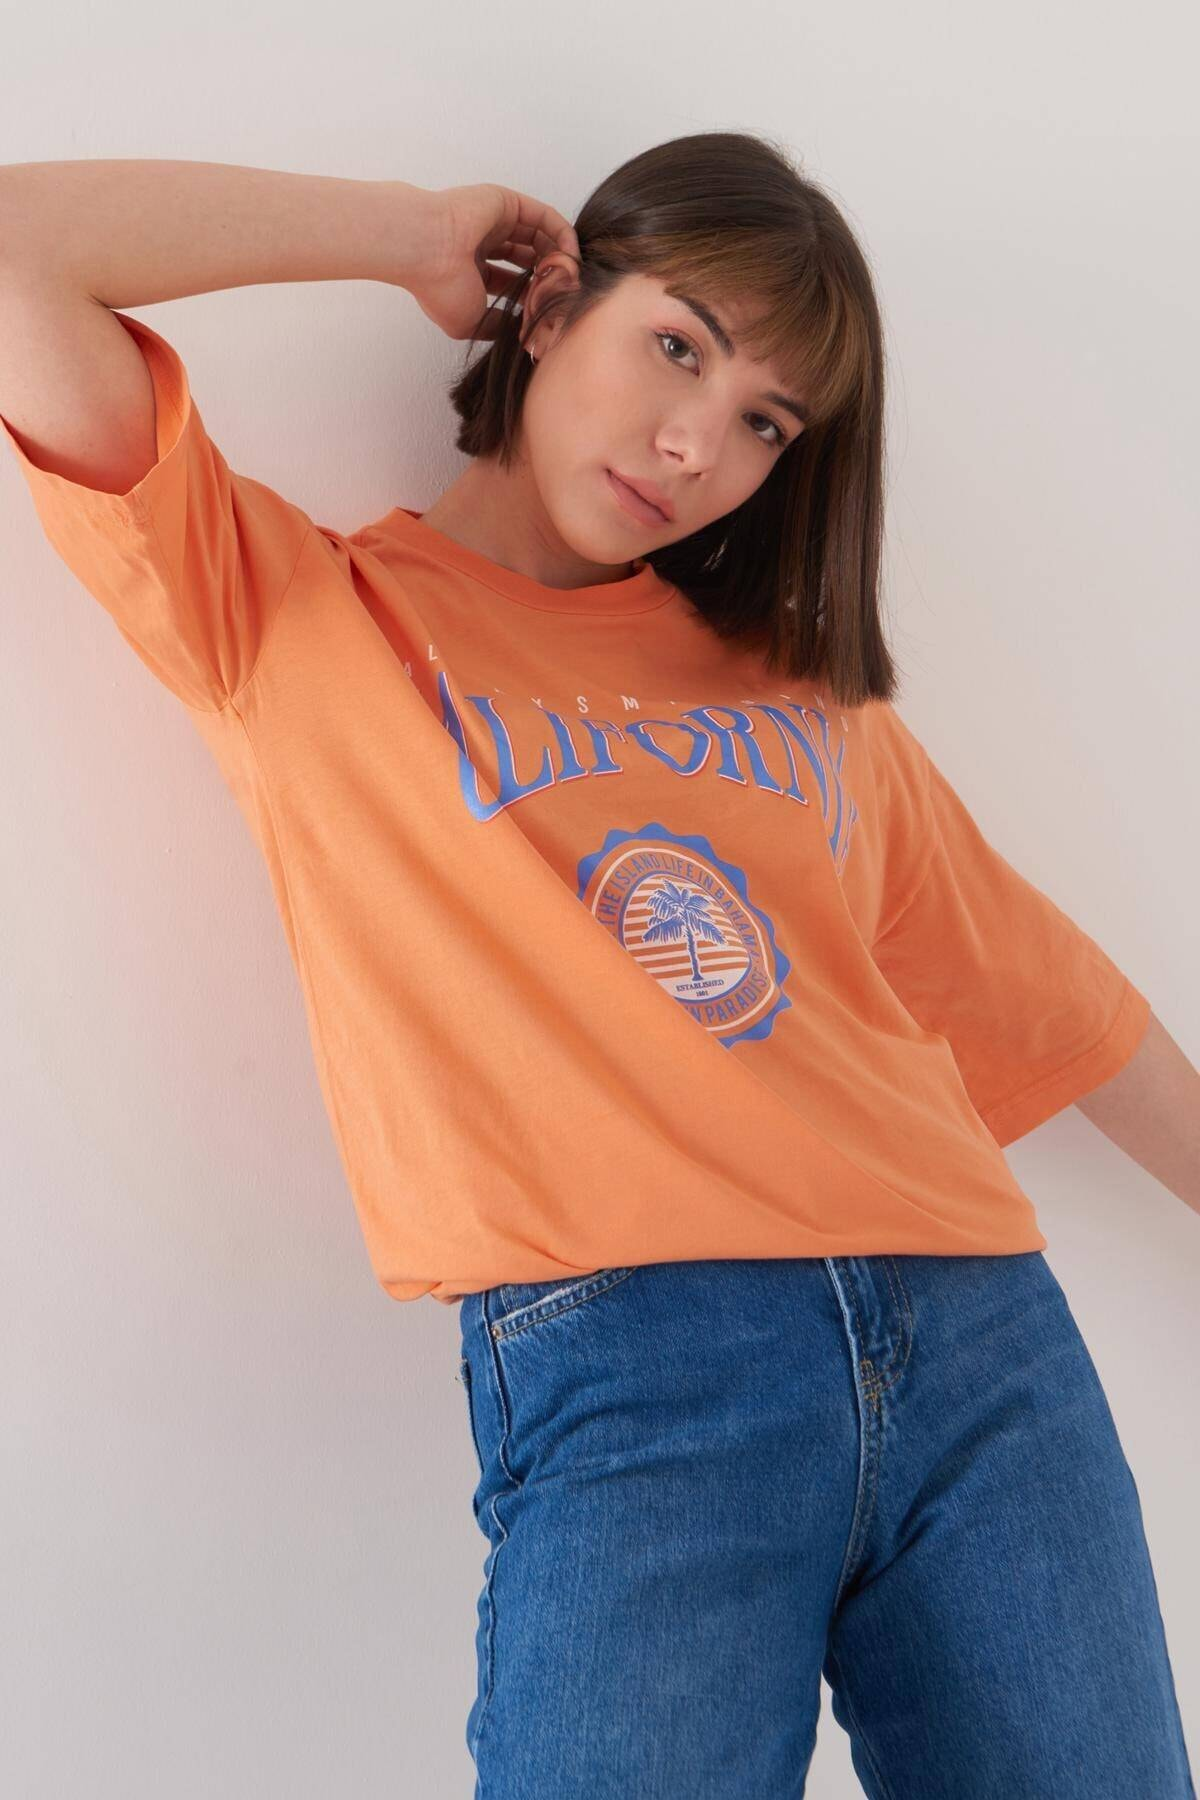 Addax Kadın Turuncu Baskılı Geniş Kesim Tişört P1016 - S5 ADX-0000022688 2